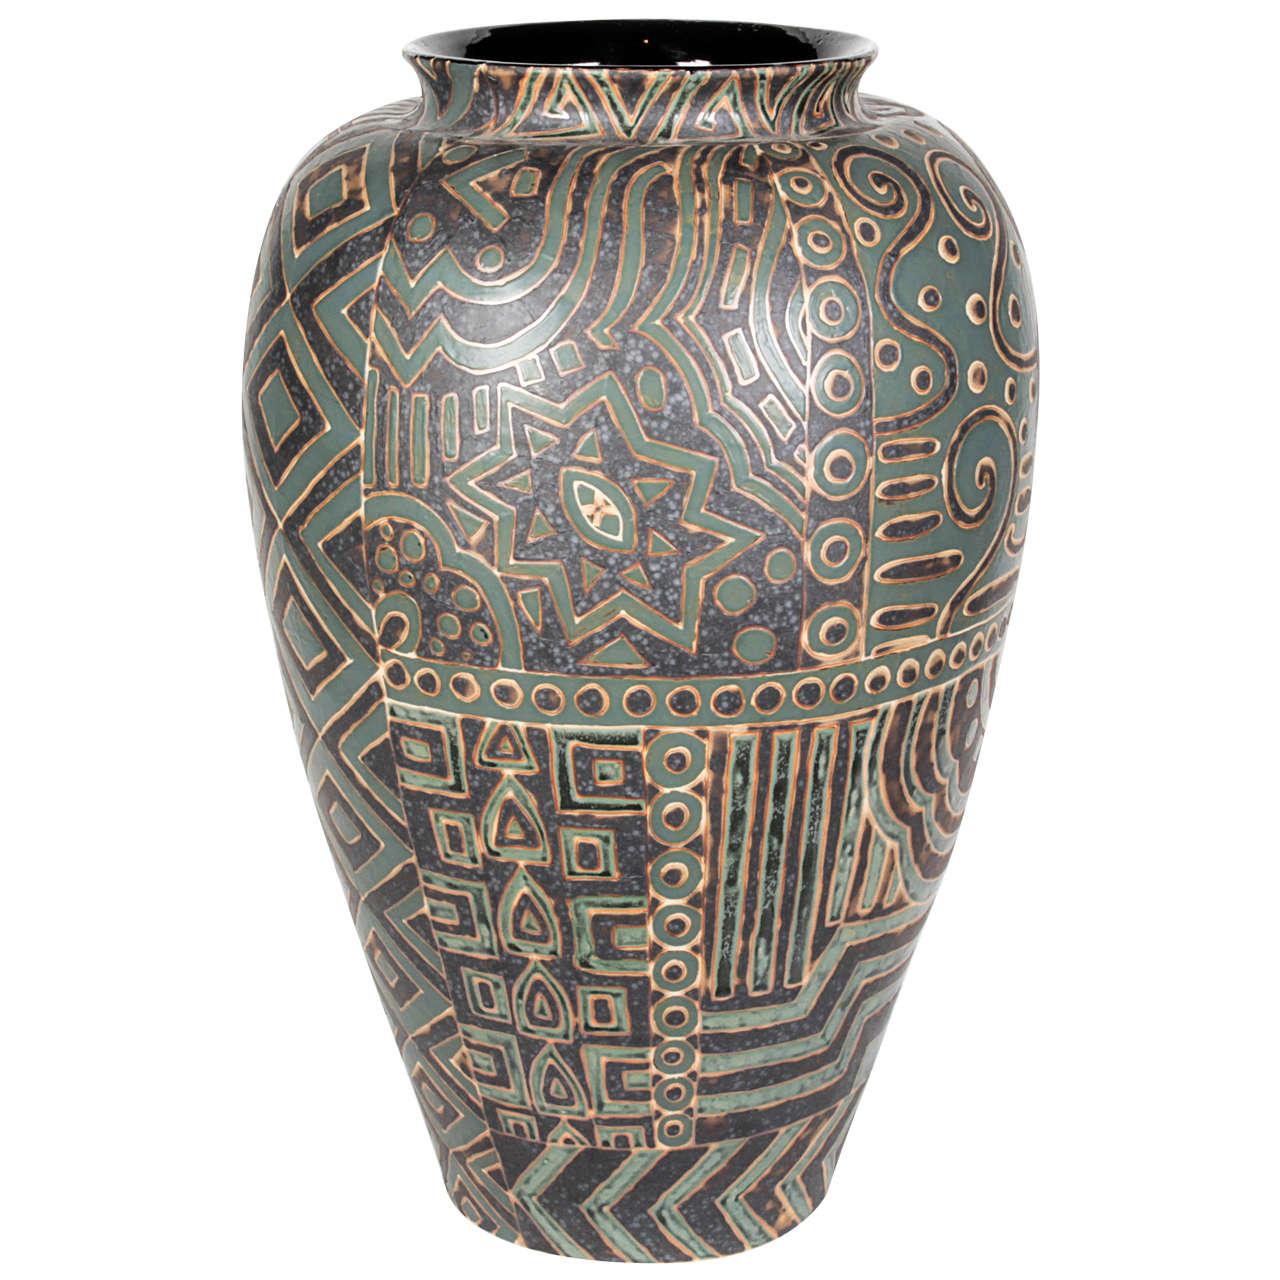 Thai ceramic vase, 2014